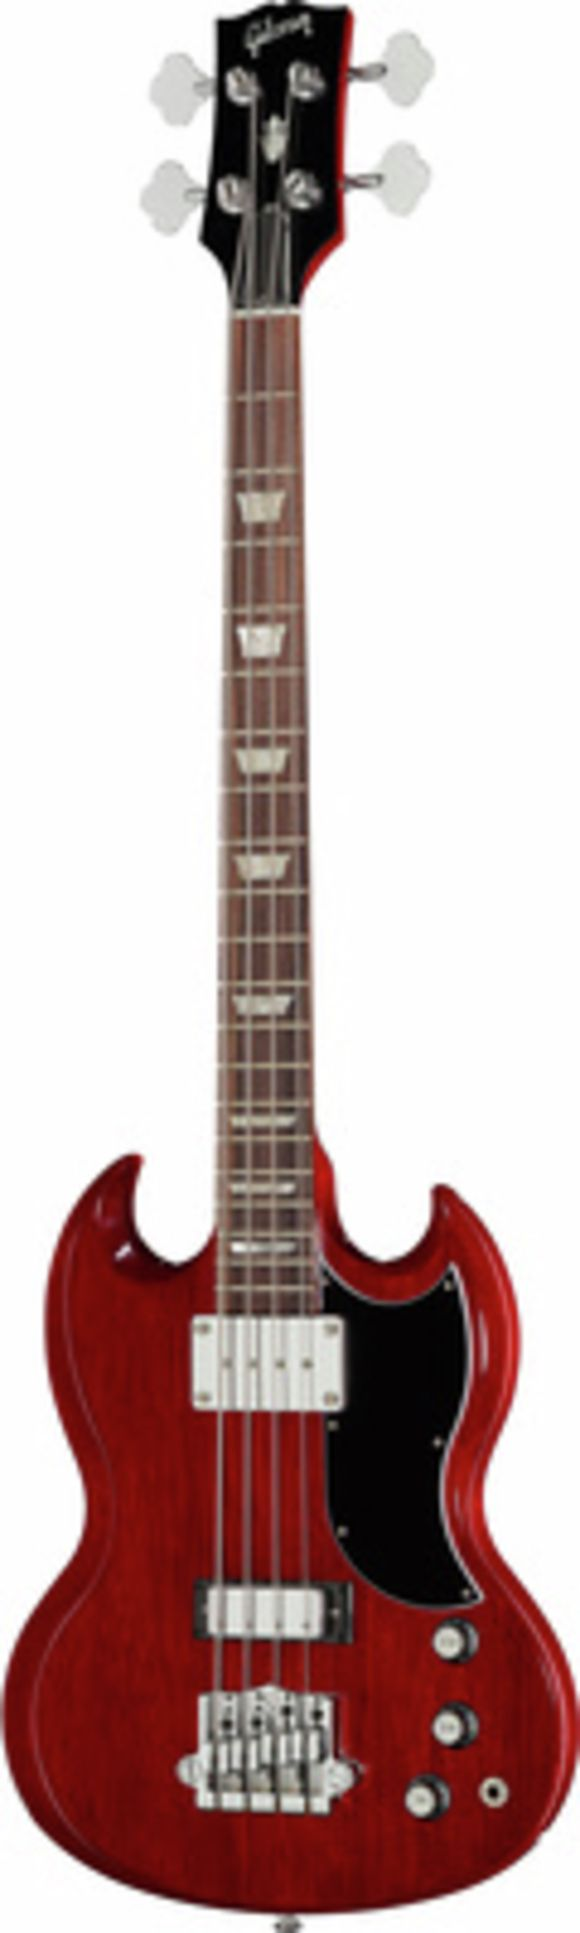 SG Bass 2018 HC Gibson